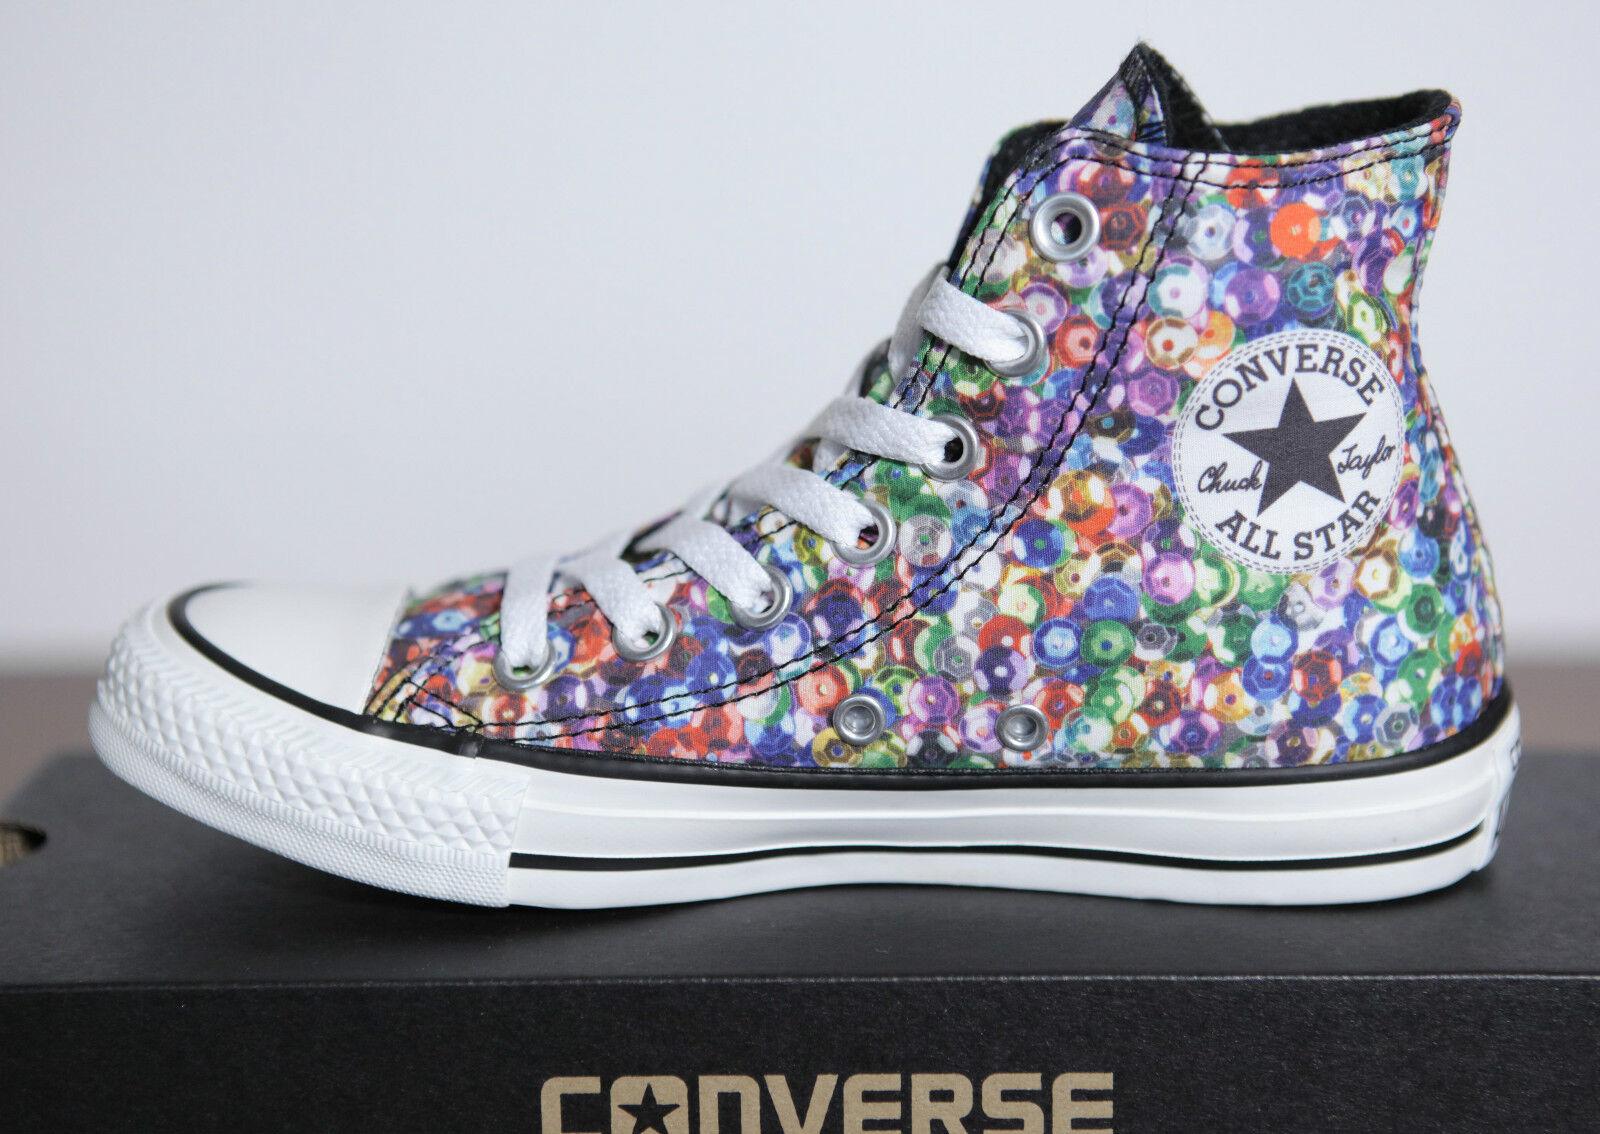 Neu All Star Converse Chucks Hi Can Multi WEISS Schuhe 542476c Gr.36,5 UK 4